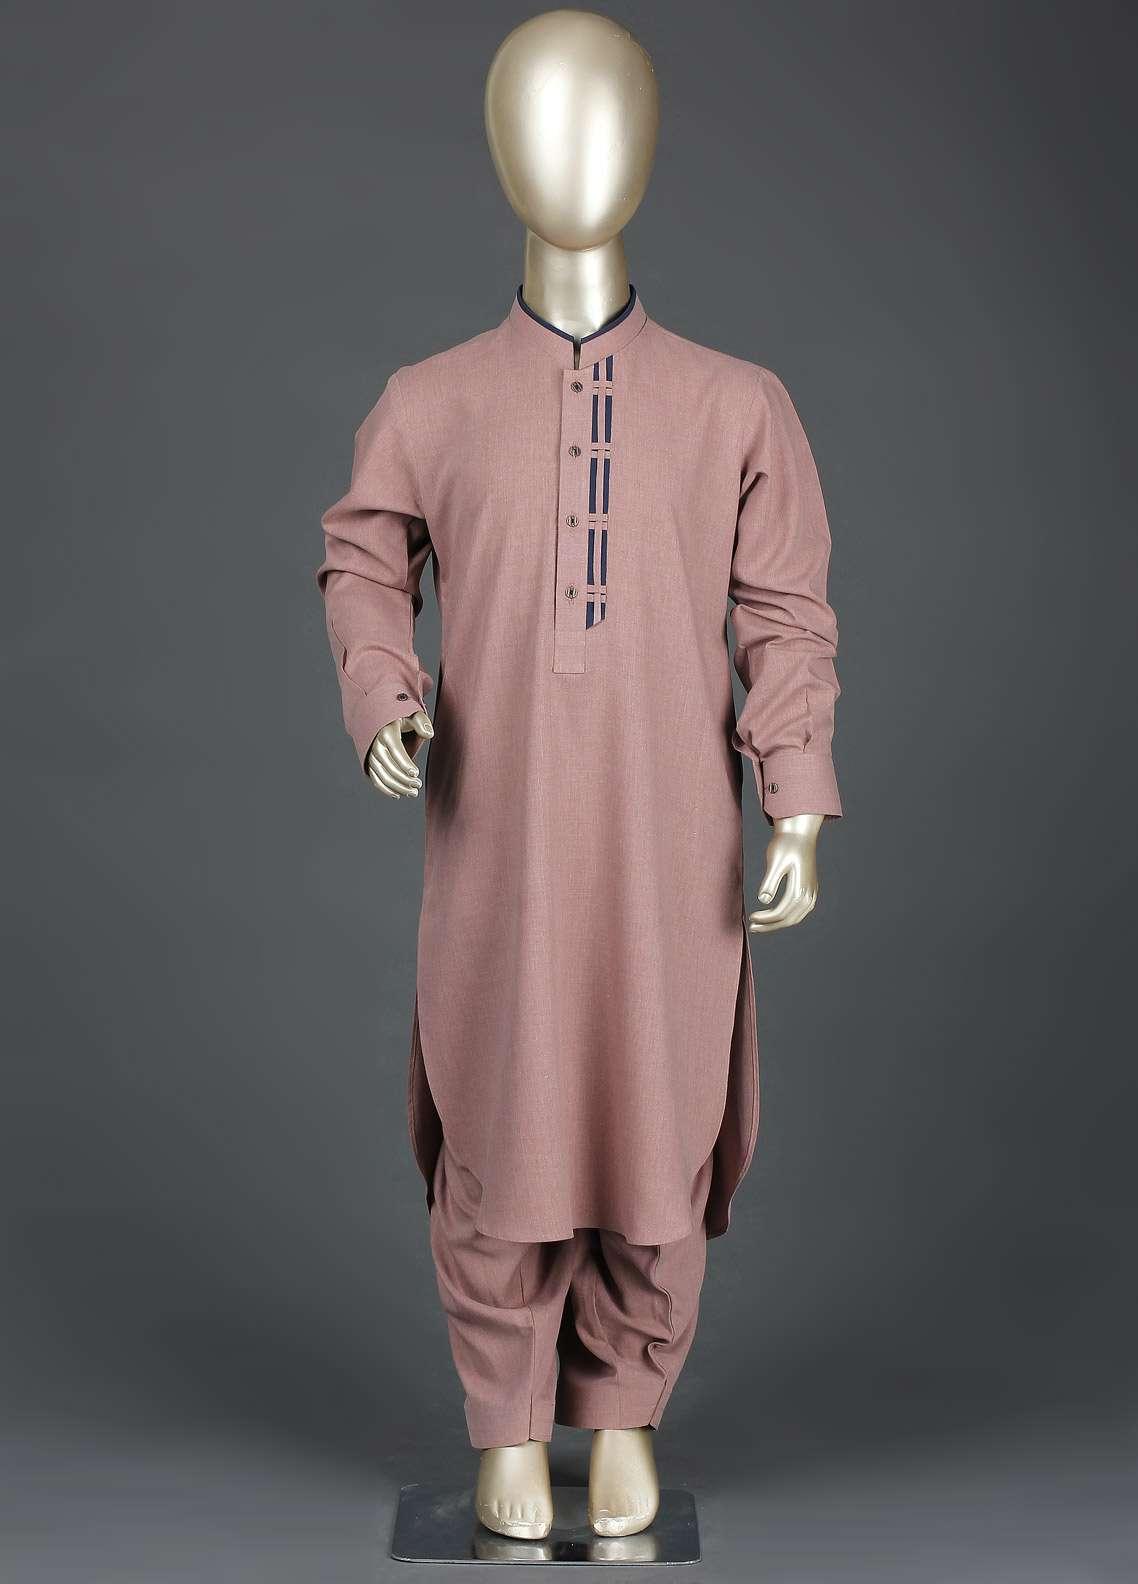 Aizaz Zafar Wash N Wear Formal Kameez Shalwar for Boys -  AZ19B 224 Khaki